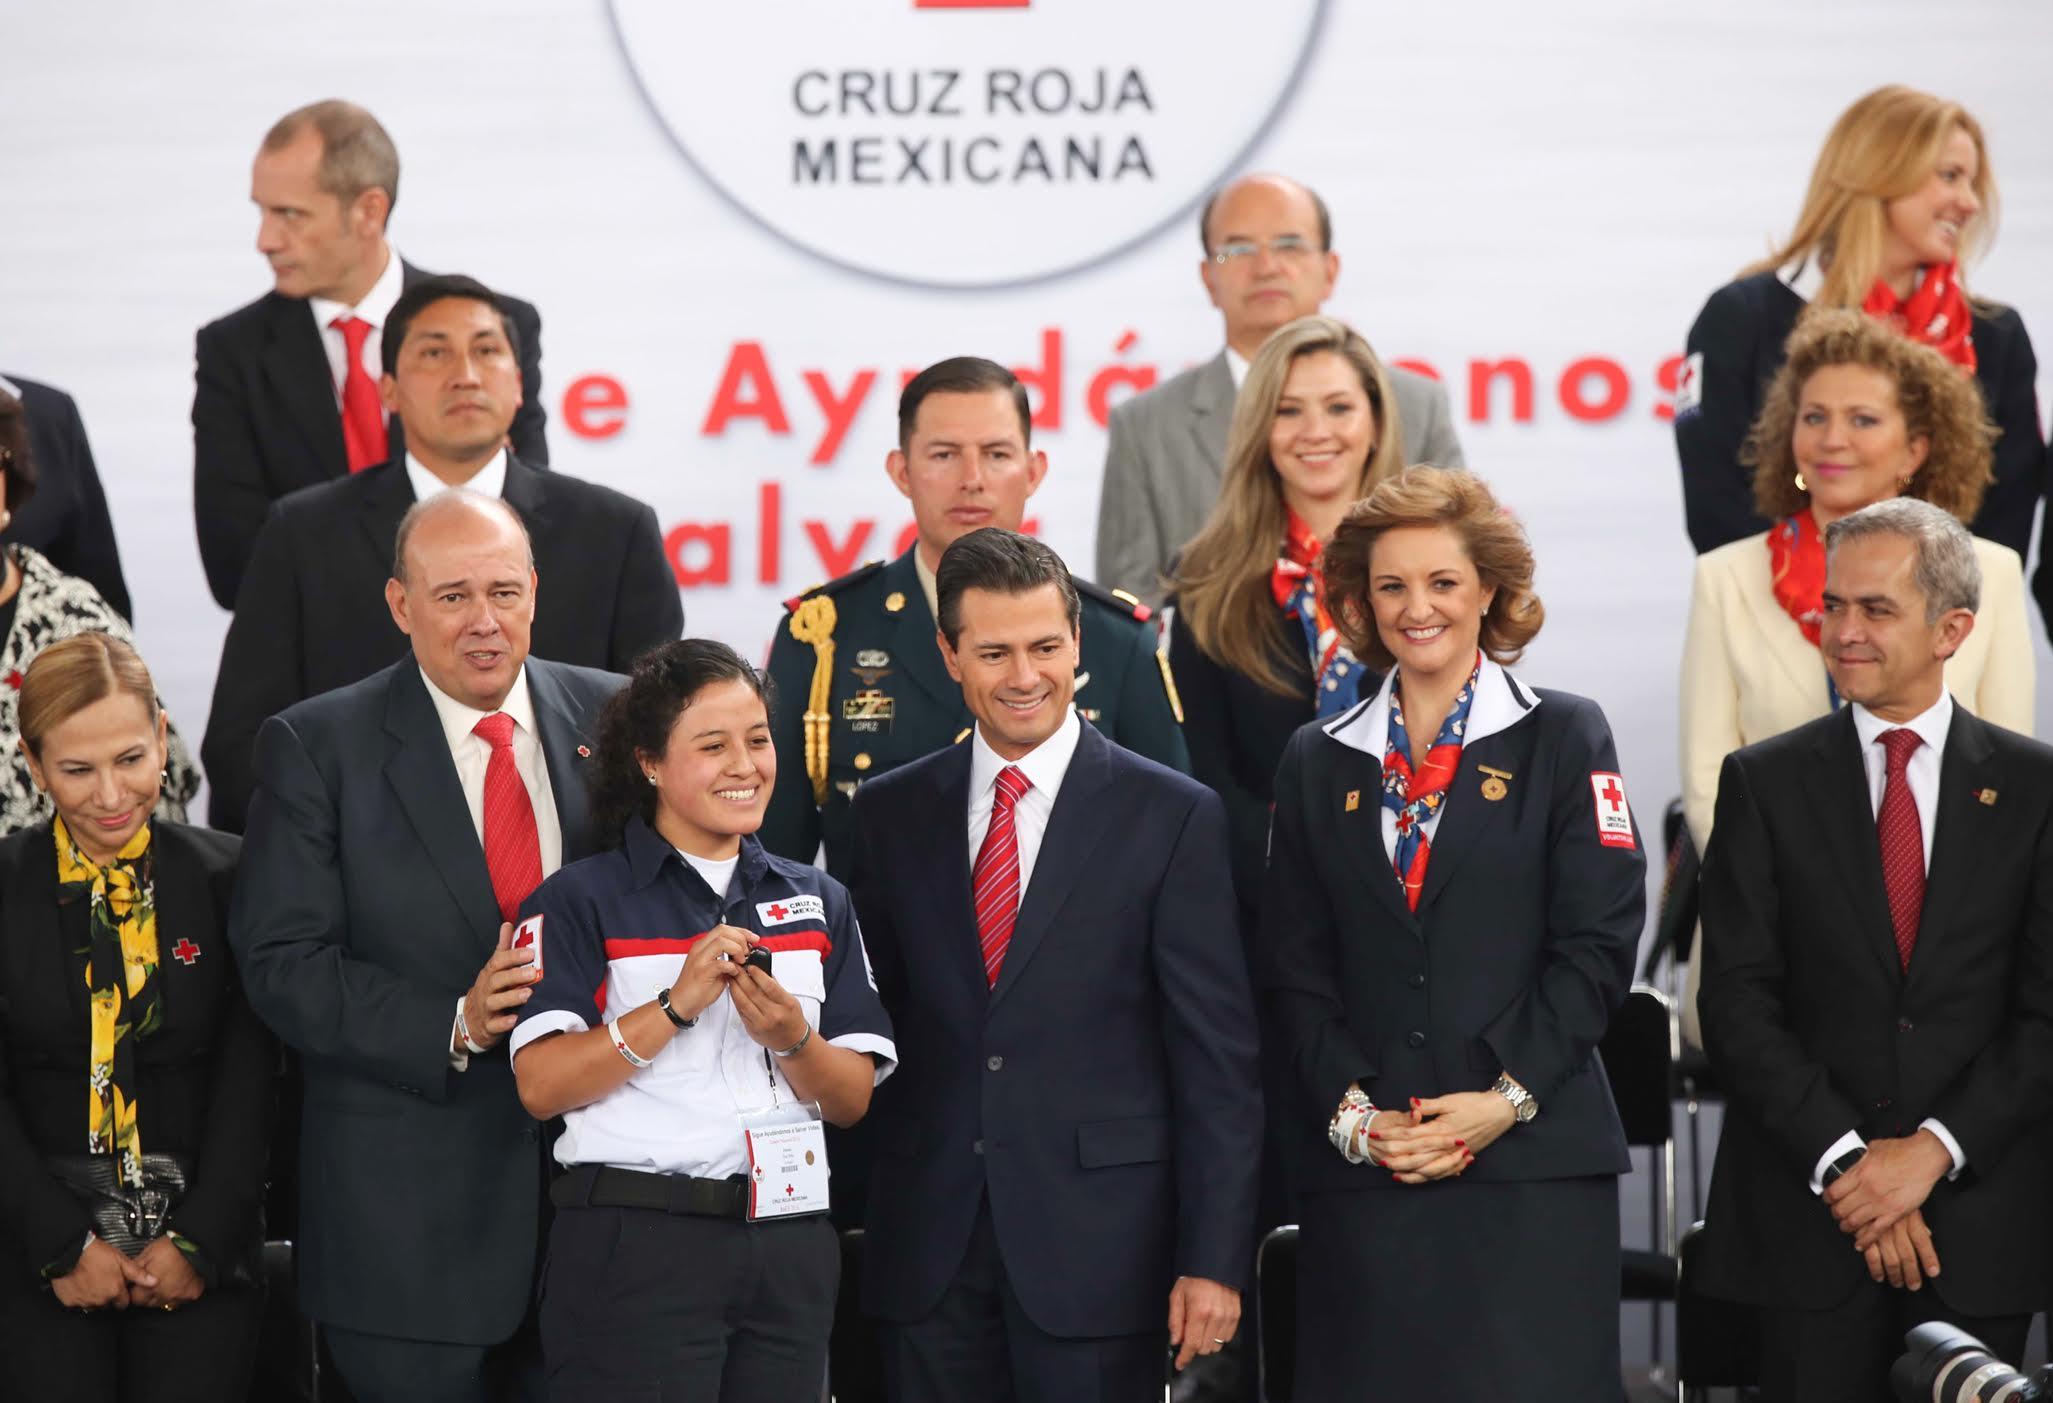 El Primer Mandatario encabezó el inicio de la Colecta Anual de la Cruz Roja Mexicana. Convocó a la sociedad a aportar su donativo para alcanzar la meta de 350 MDP.